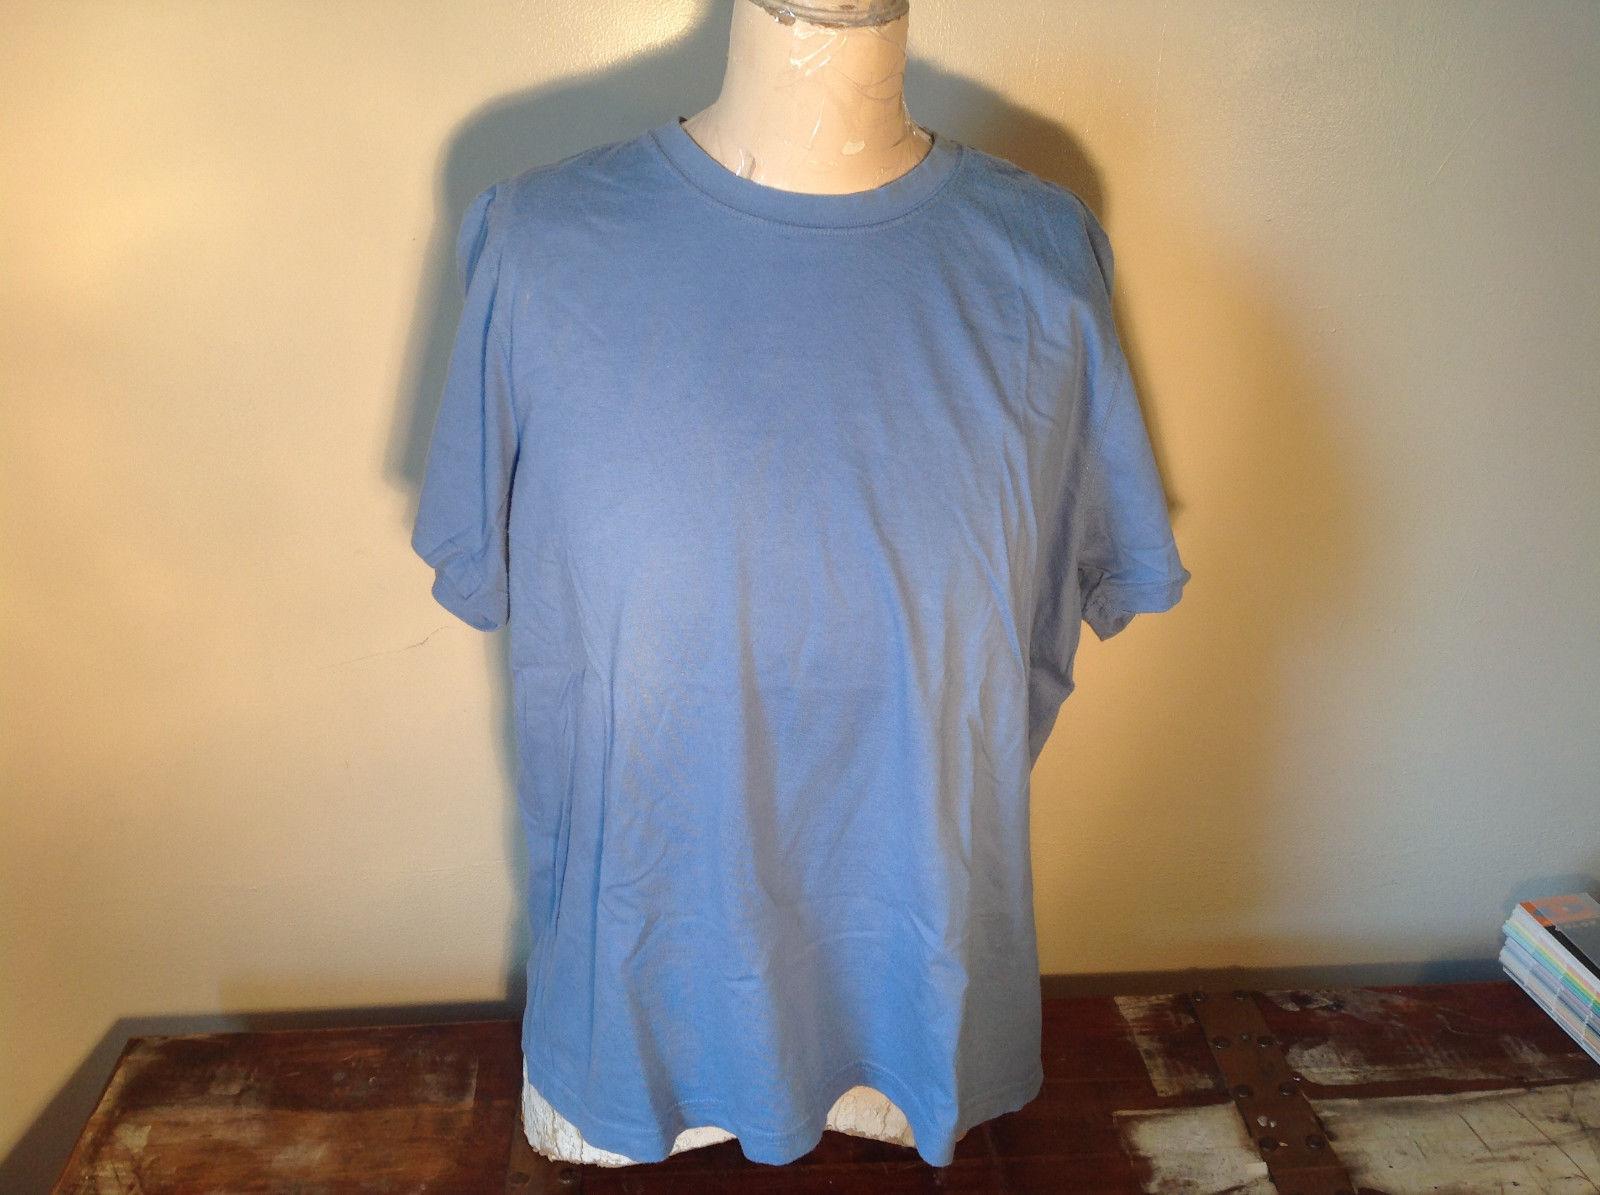 Very Soft L L Bean Short Sleeve Light Blue Shirt Size XL